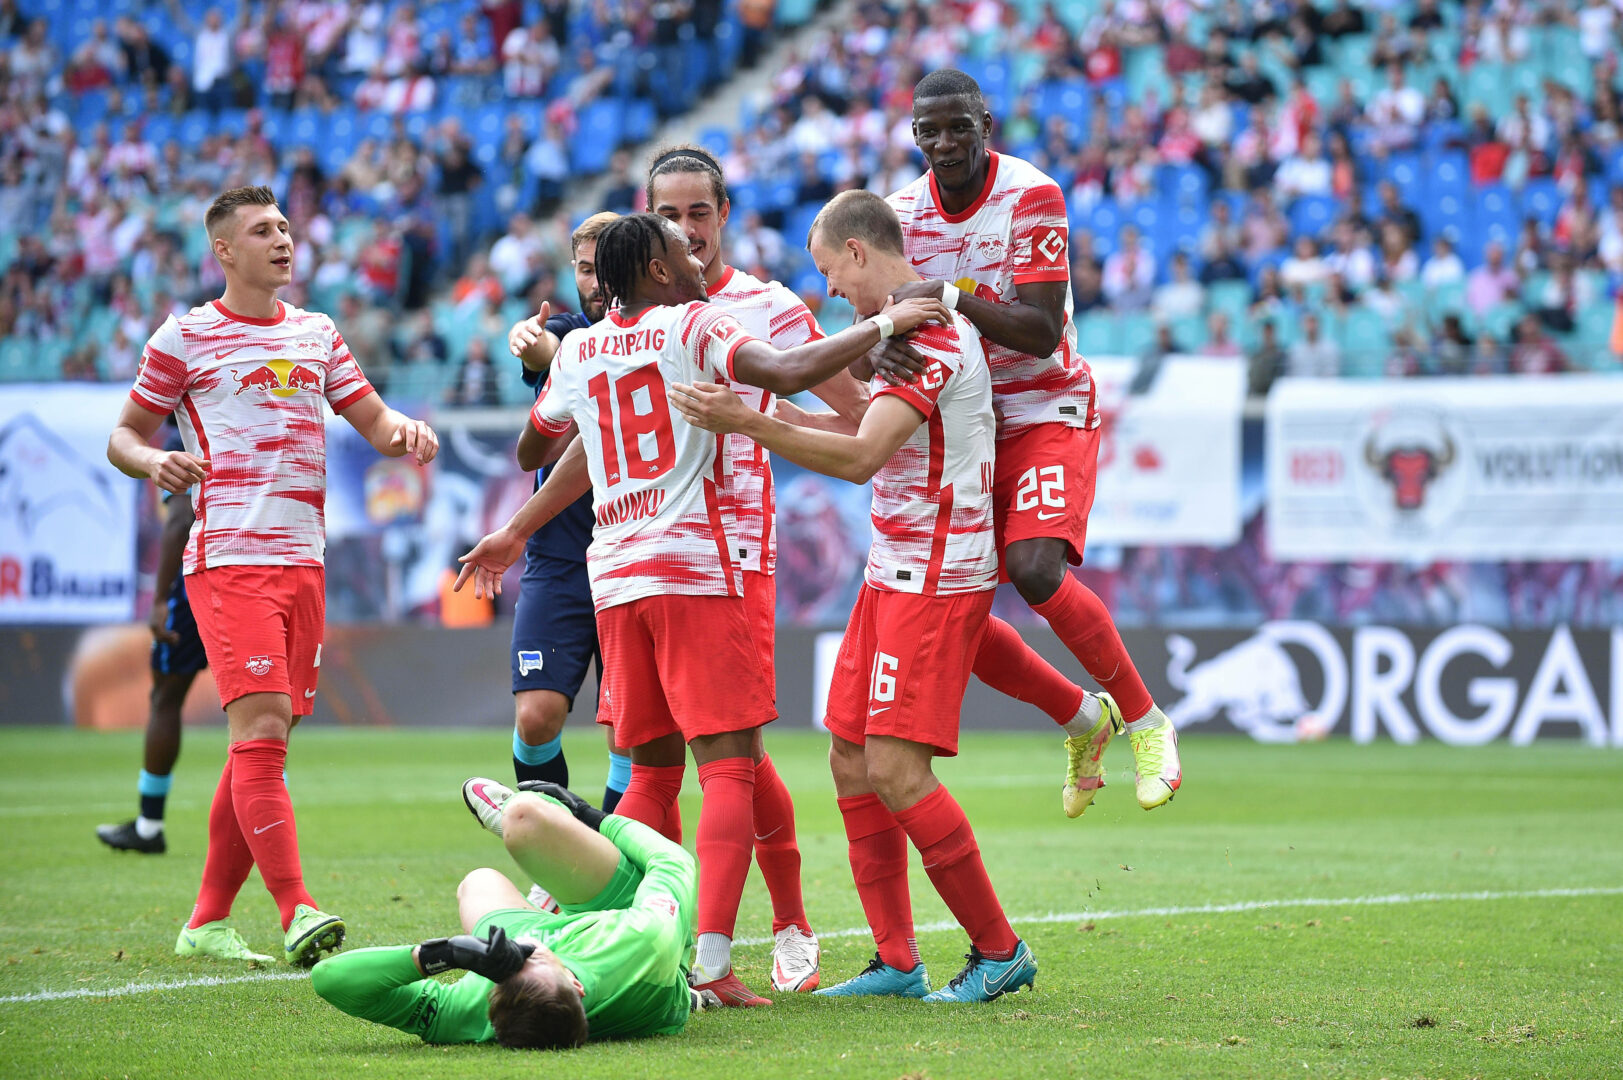 Bundesliga | RB-Gala gegen Hertha, Hoffenheim düpiert Wolfsburg, Frankfurt remis